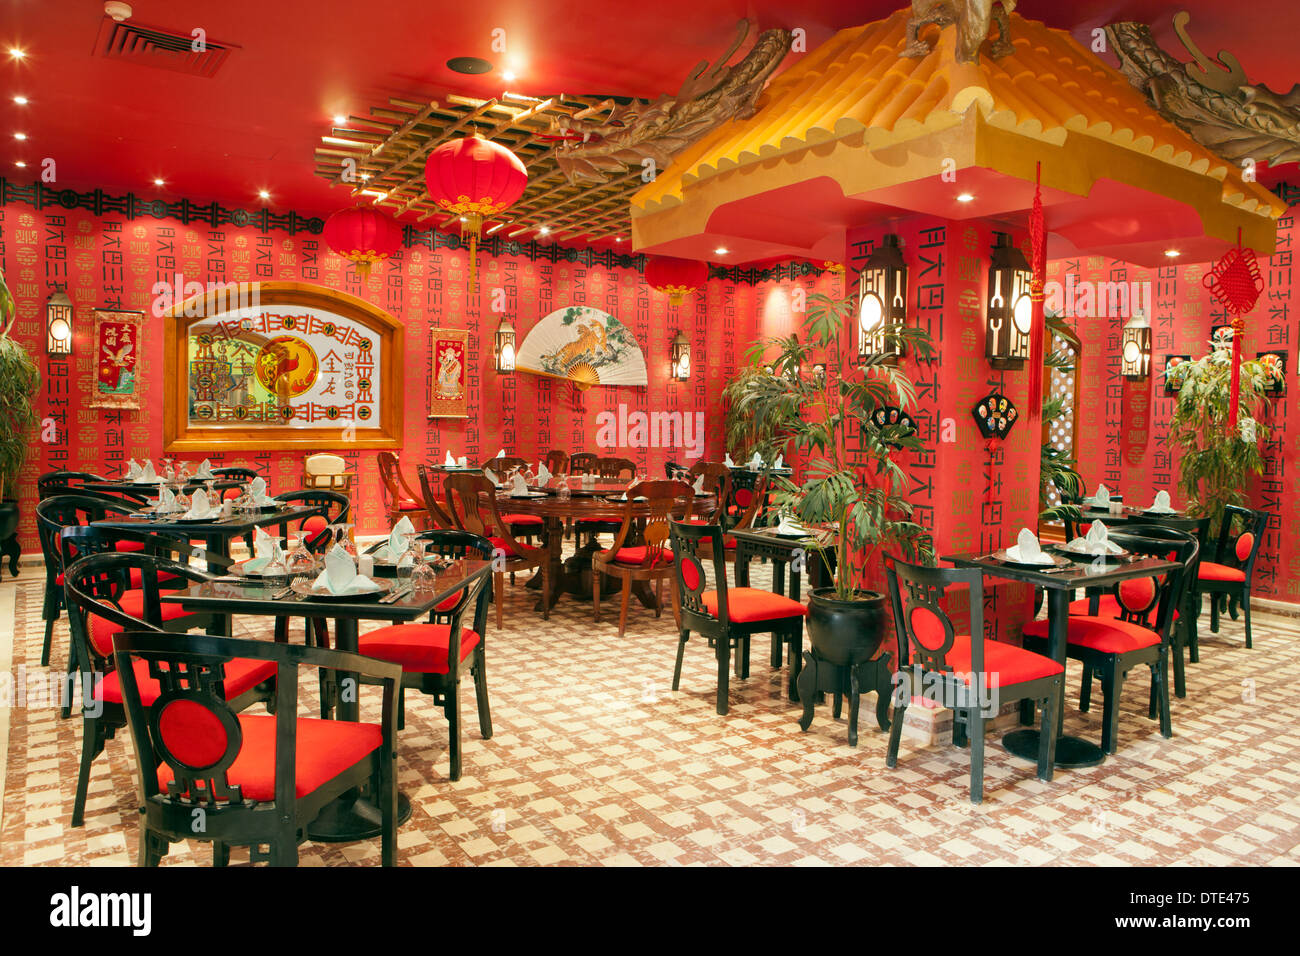 Chinese restaurant stock photos chinese restaurant stock - Chinese restaurant interior pictures ...